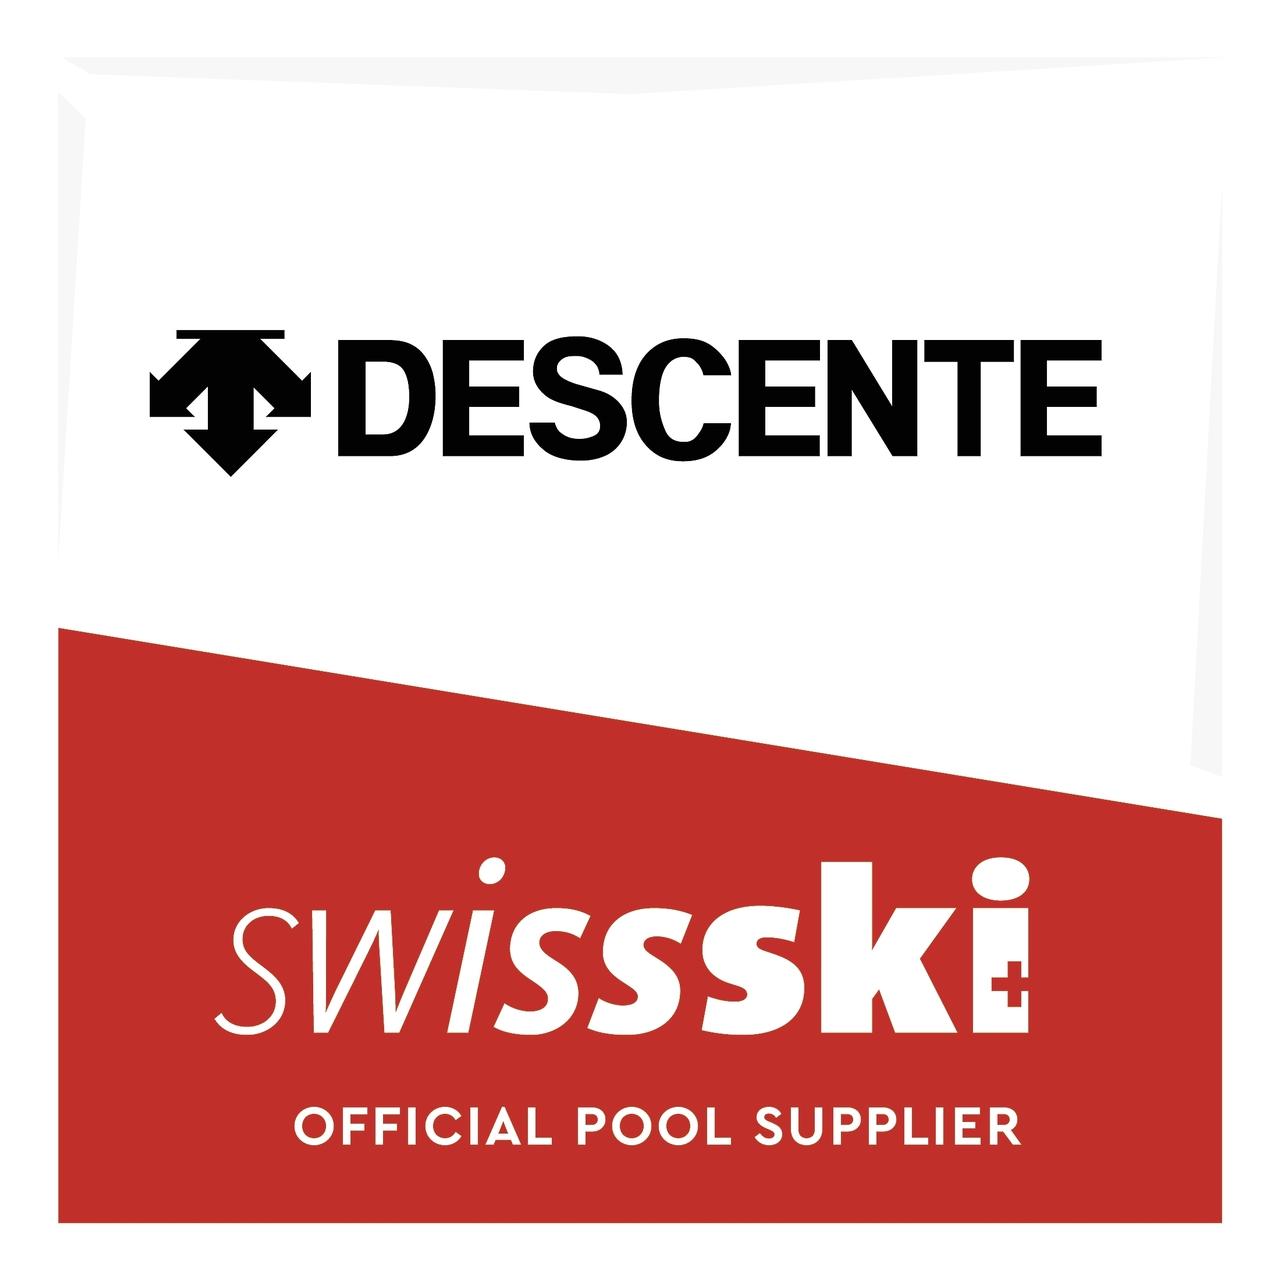 DESCENTE-SWISSCOM-gross